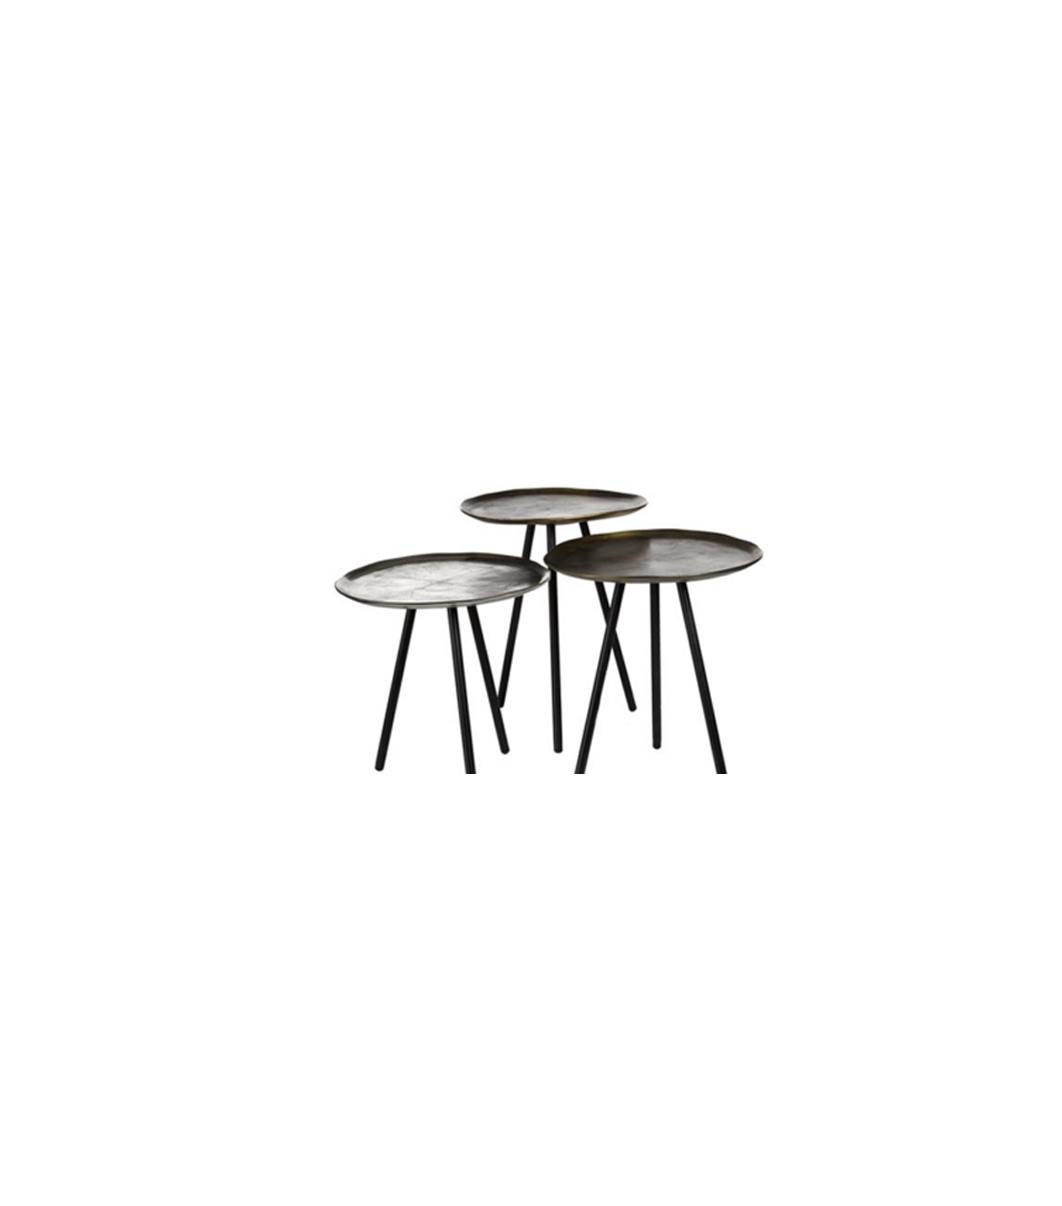 tables d 39 appoints m tal lm 9 l 39 autre maison. Black Bedroom Furniture Sets. Home Design Ideas